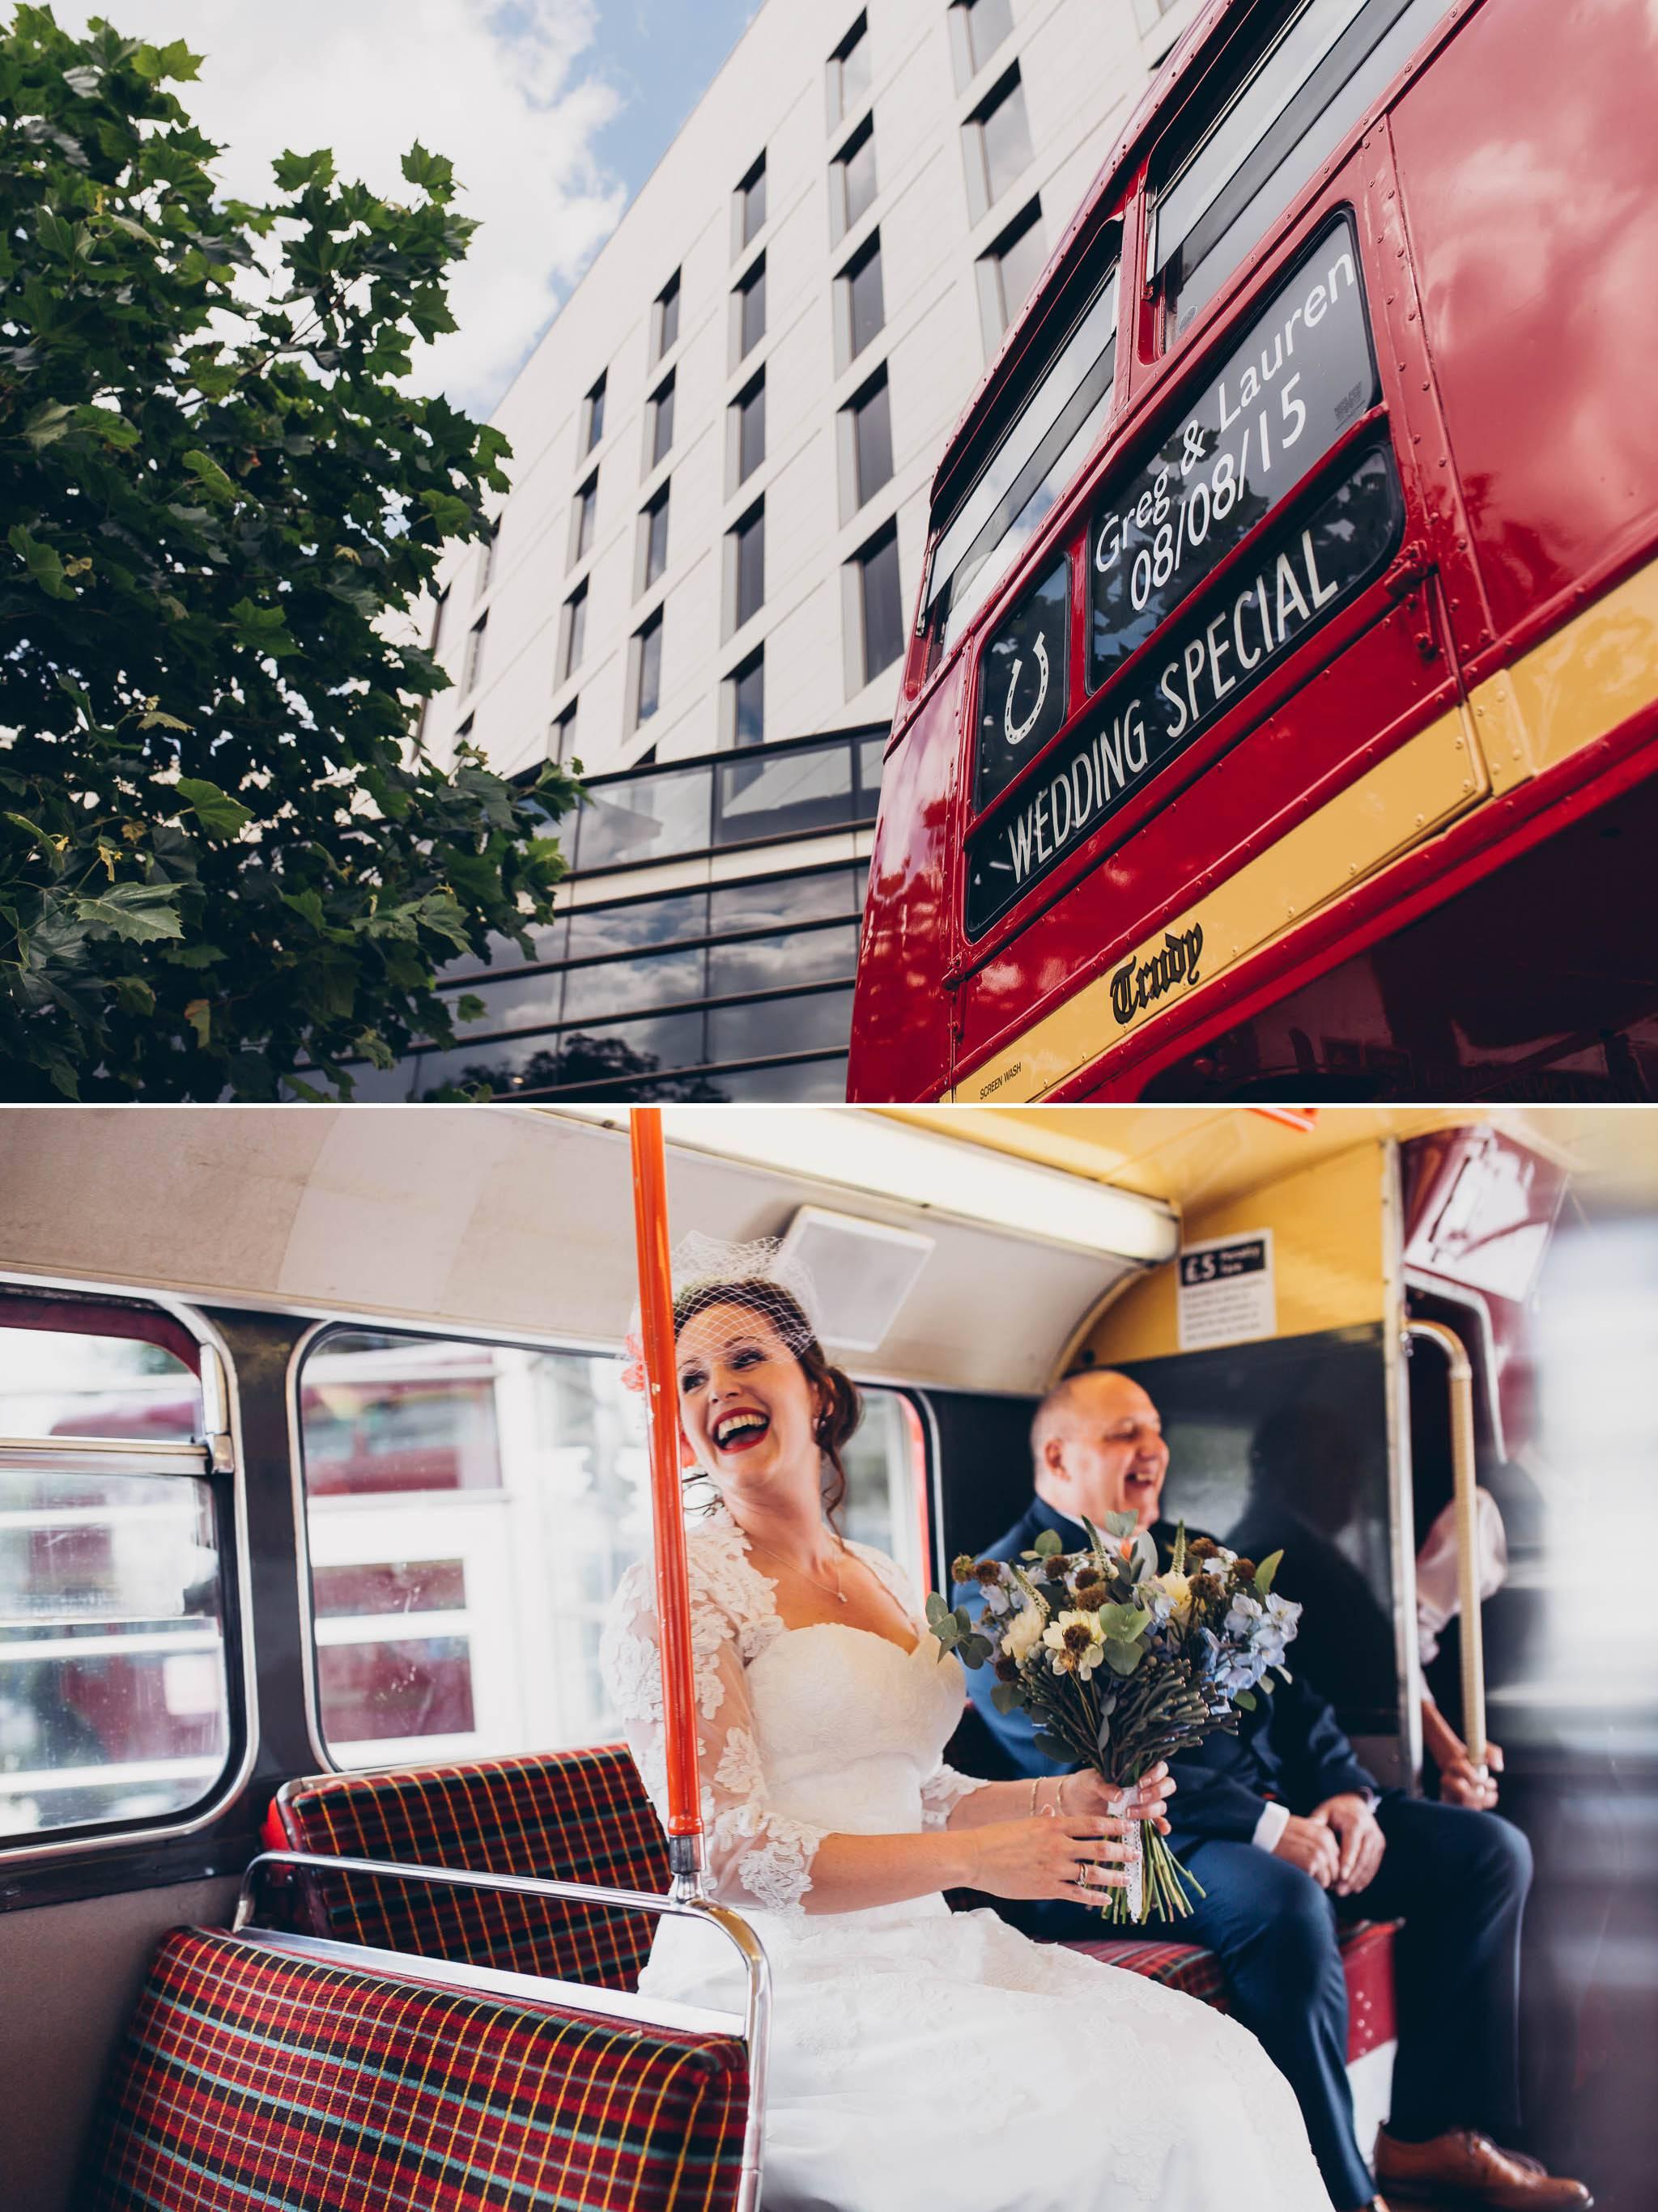 birmingham-wedding-photographer 4.jpg